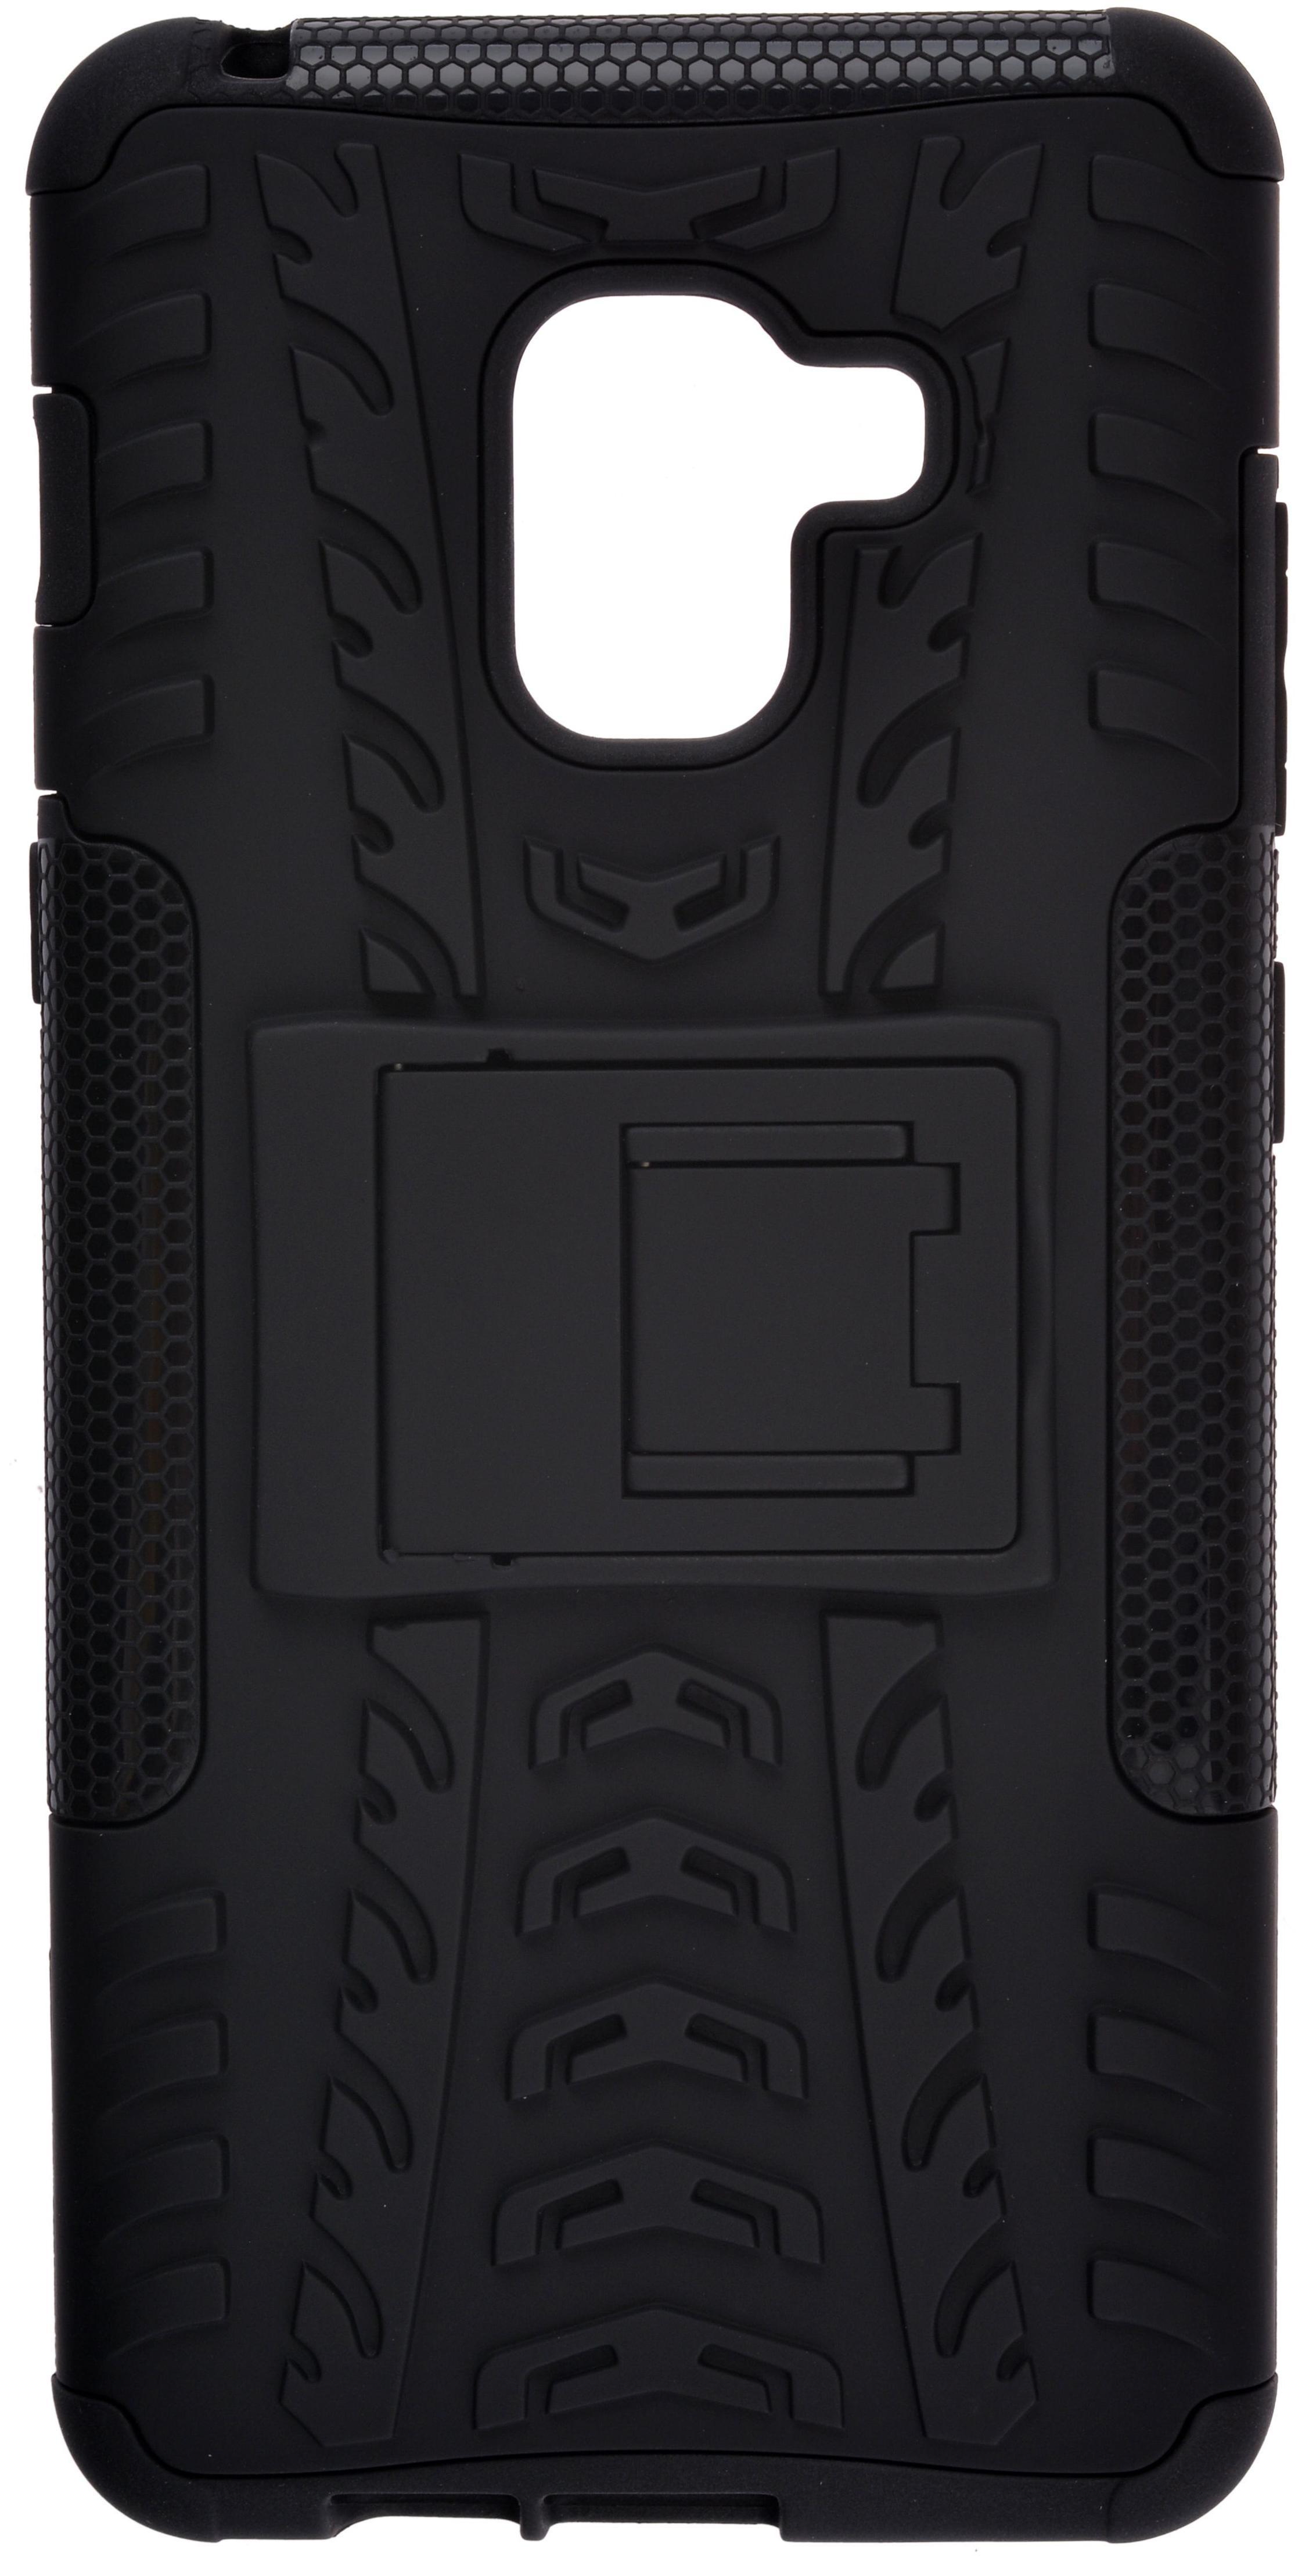 Чехол накладка skinBOX Defender case для Samsung